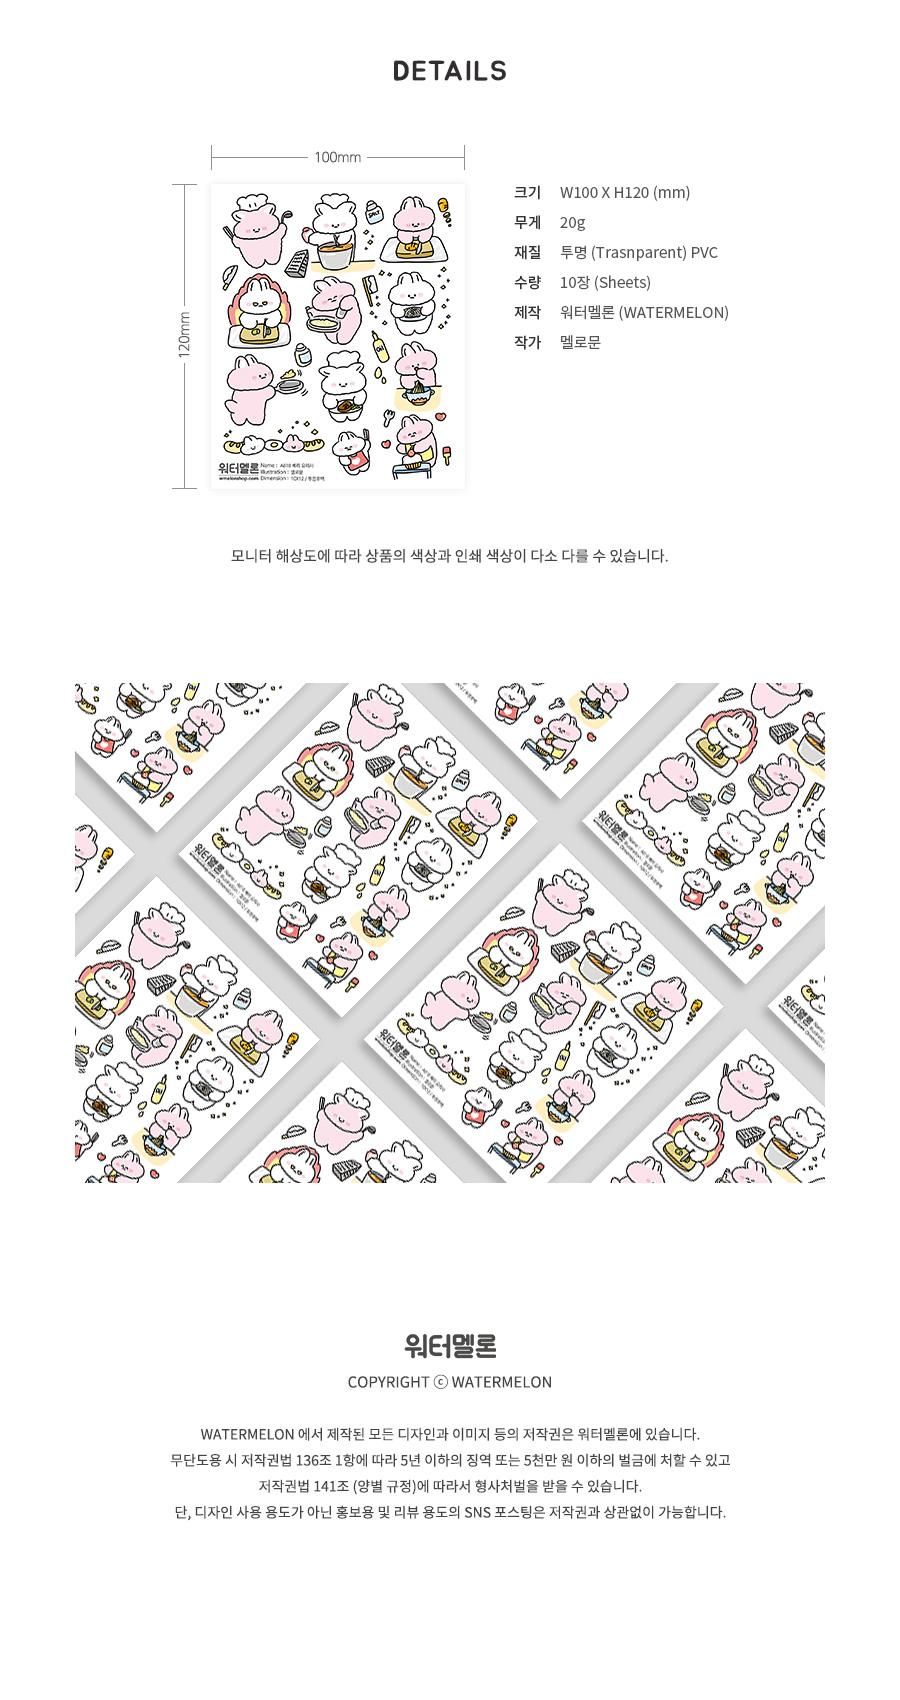 베리 요리사 A618 인쇄소스티커 - 워터멜론, 1,900원, 스티커, 포인트데코스티커